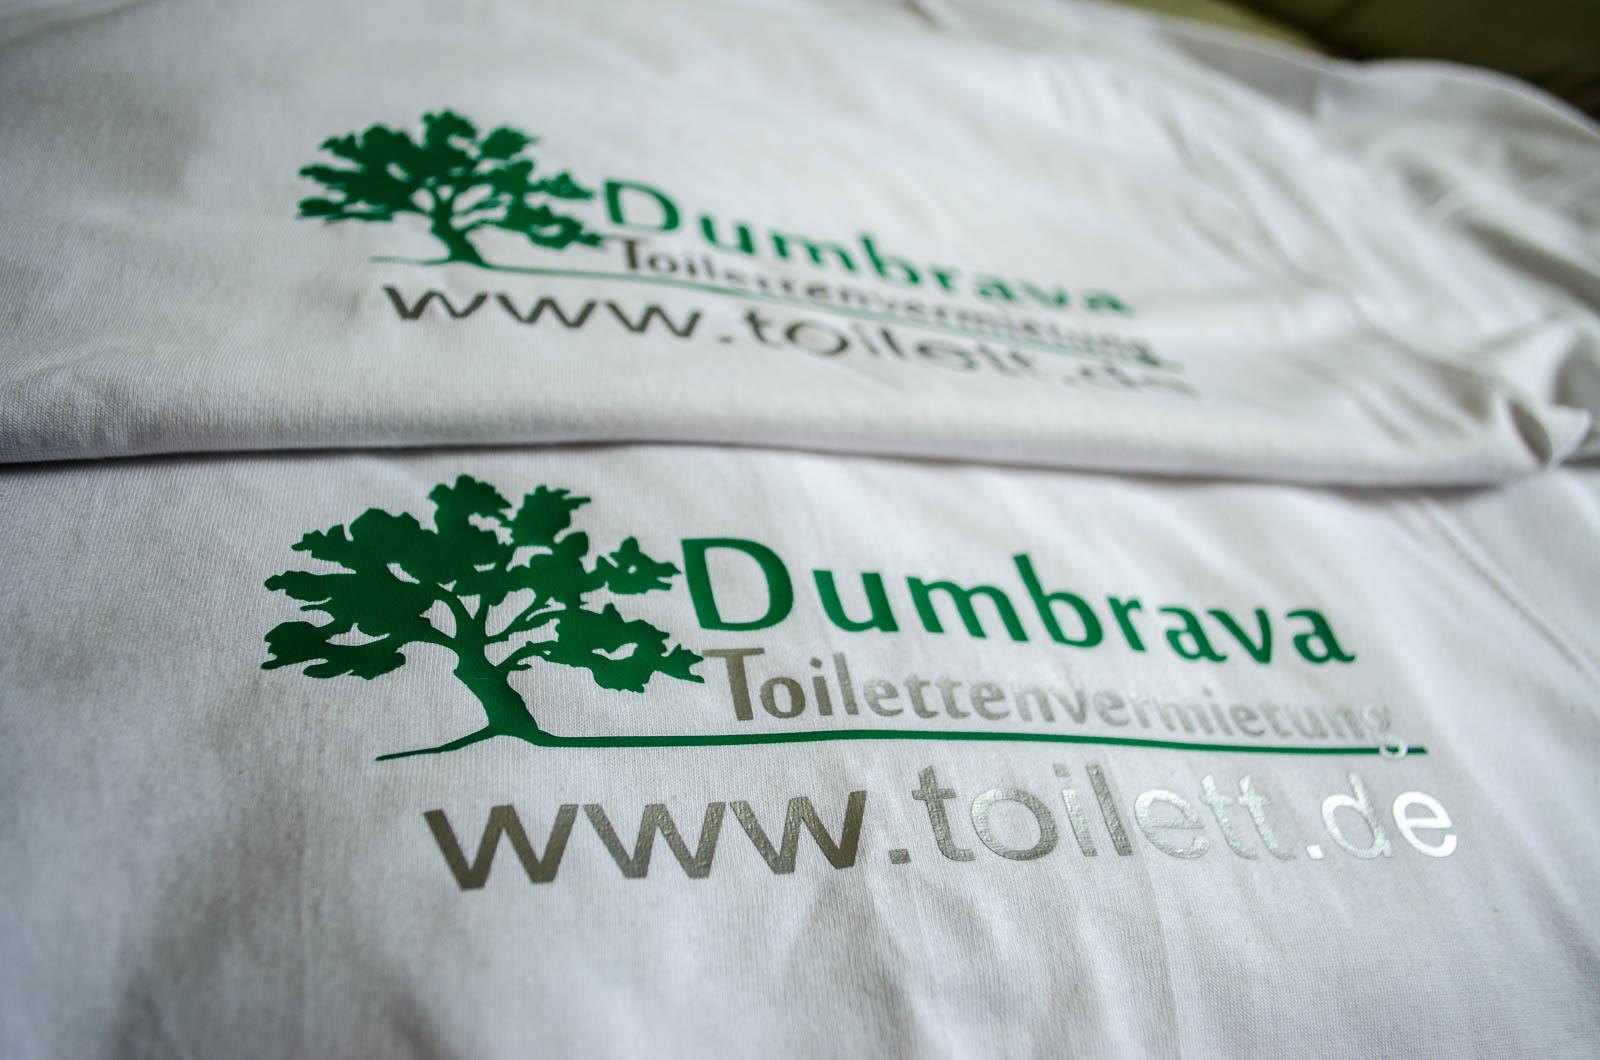 O-ZEN Portfolio toilett-de Textil Beschriftung auf weisse Tshirts